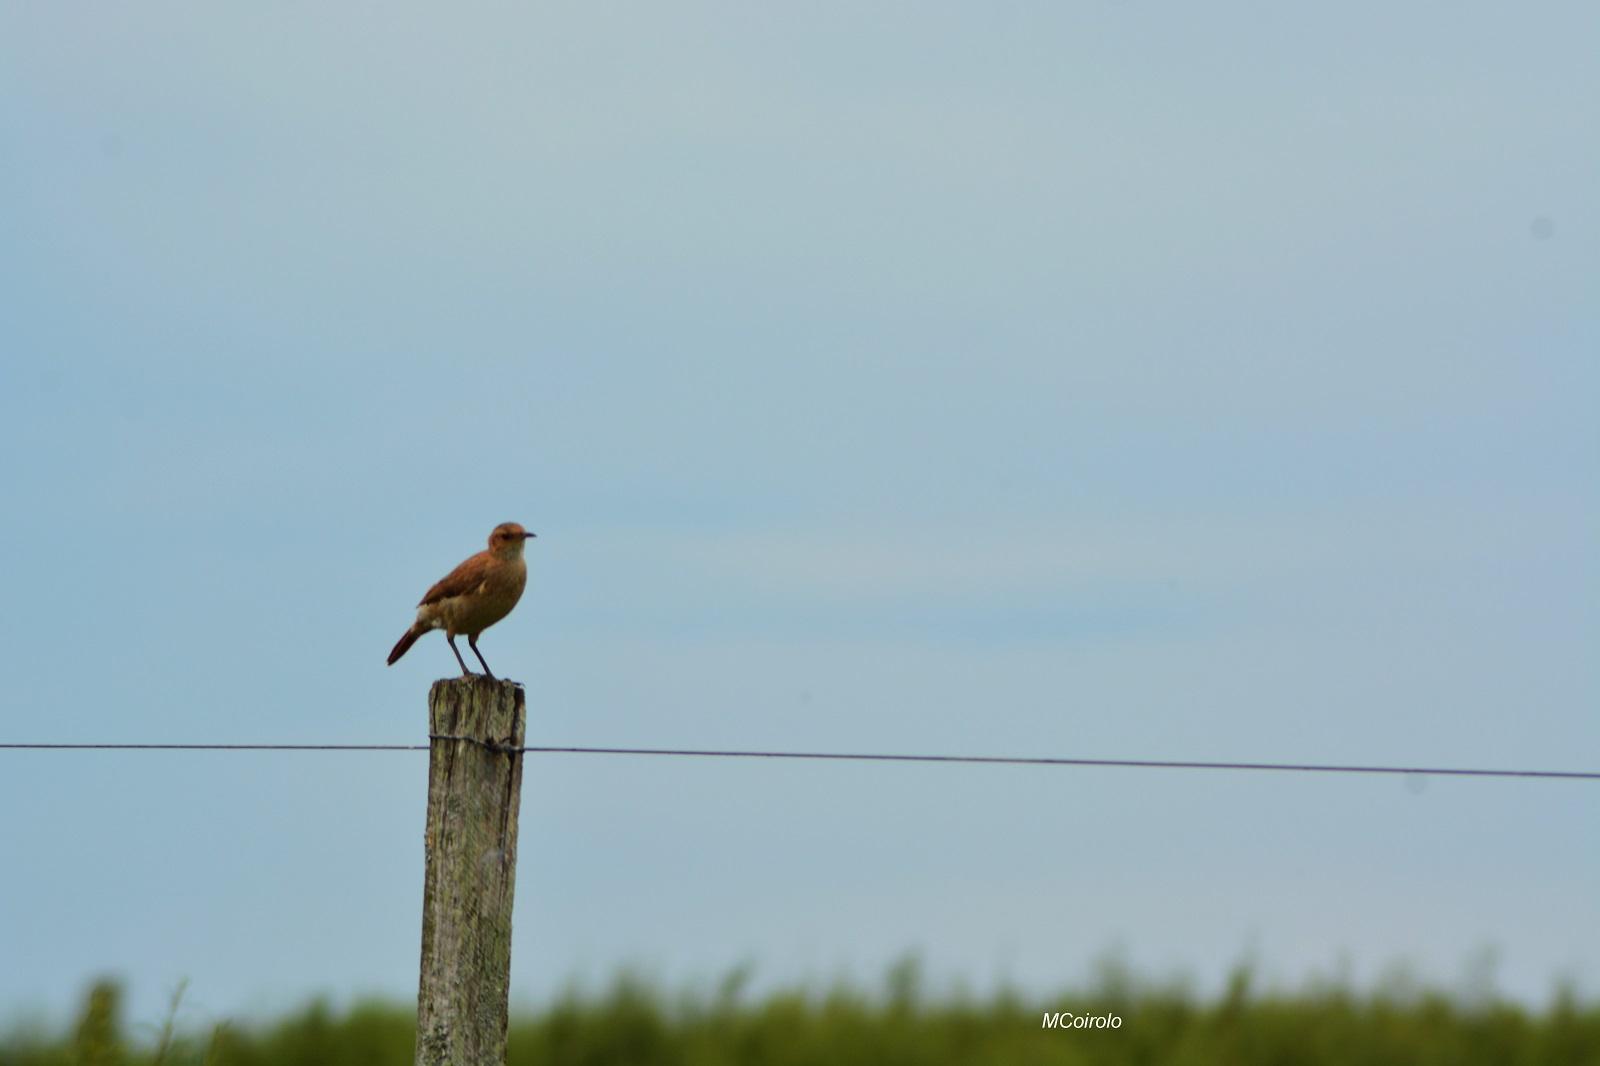 Pájaro hornero posando en un pique